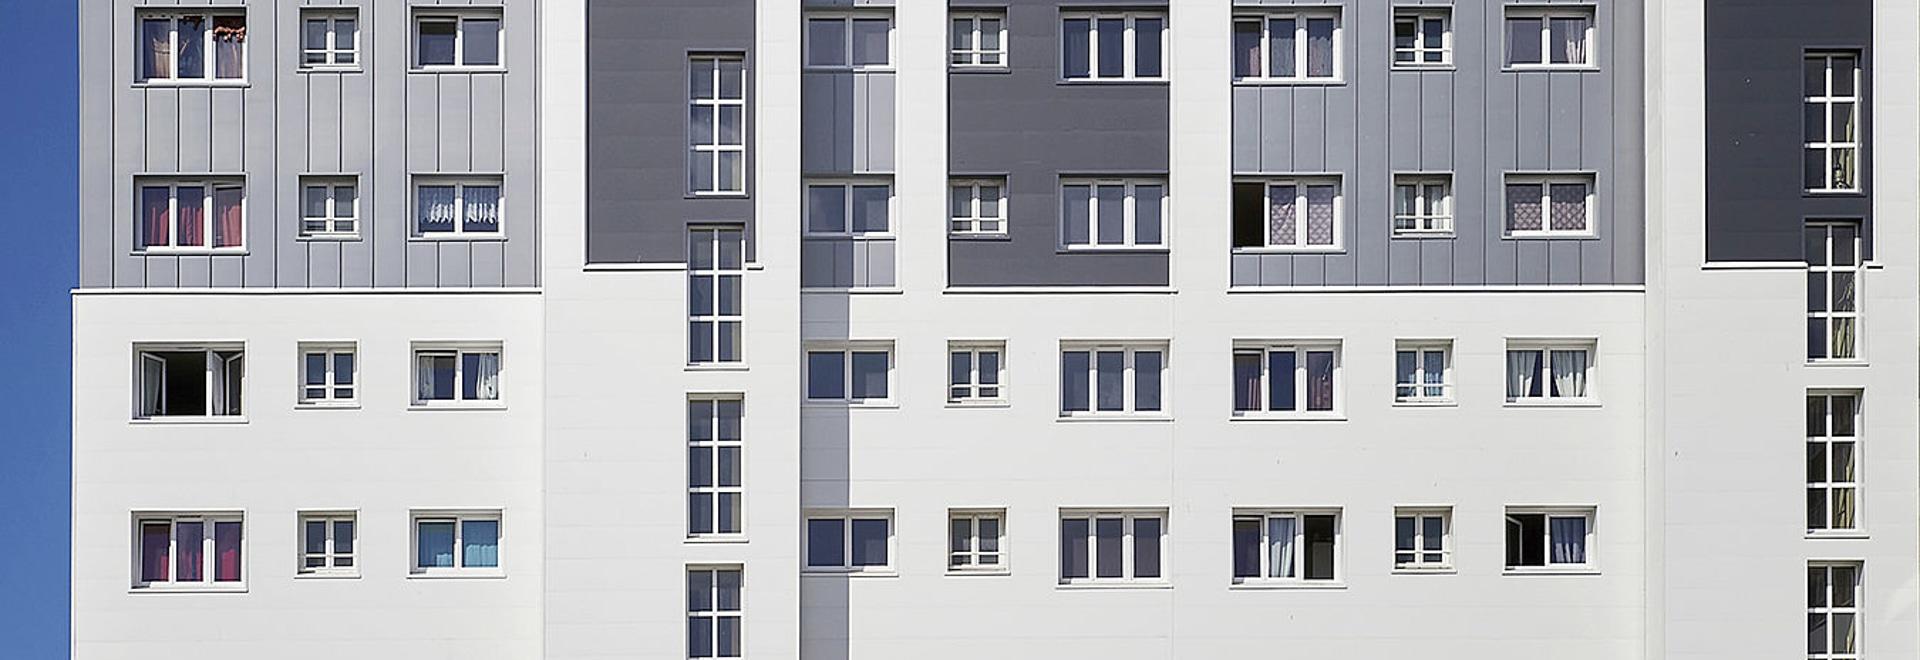 """Residential area """"Gauguin Matisse""""- Energetische Sanierung: Aluminiumplatten-Lösung für die Außenfassadendämmung"""